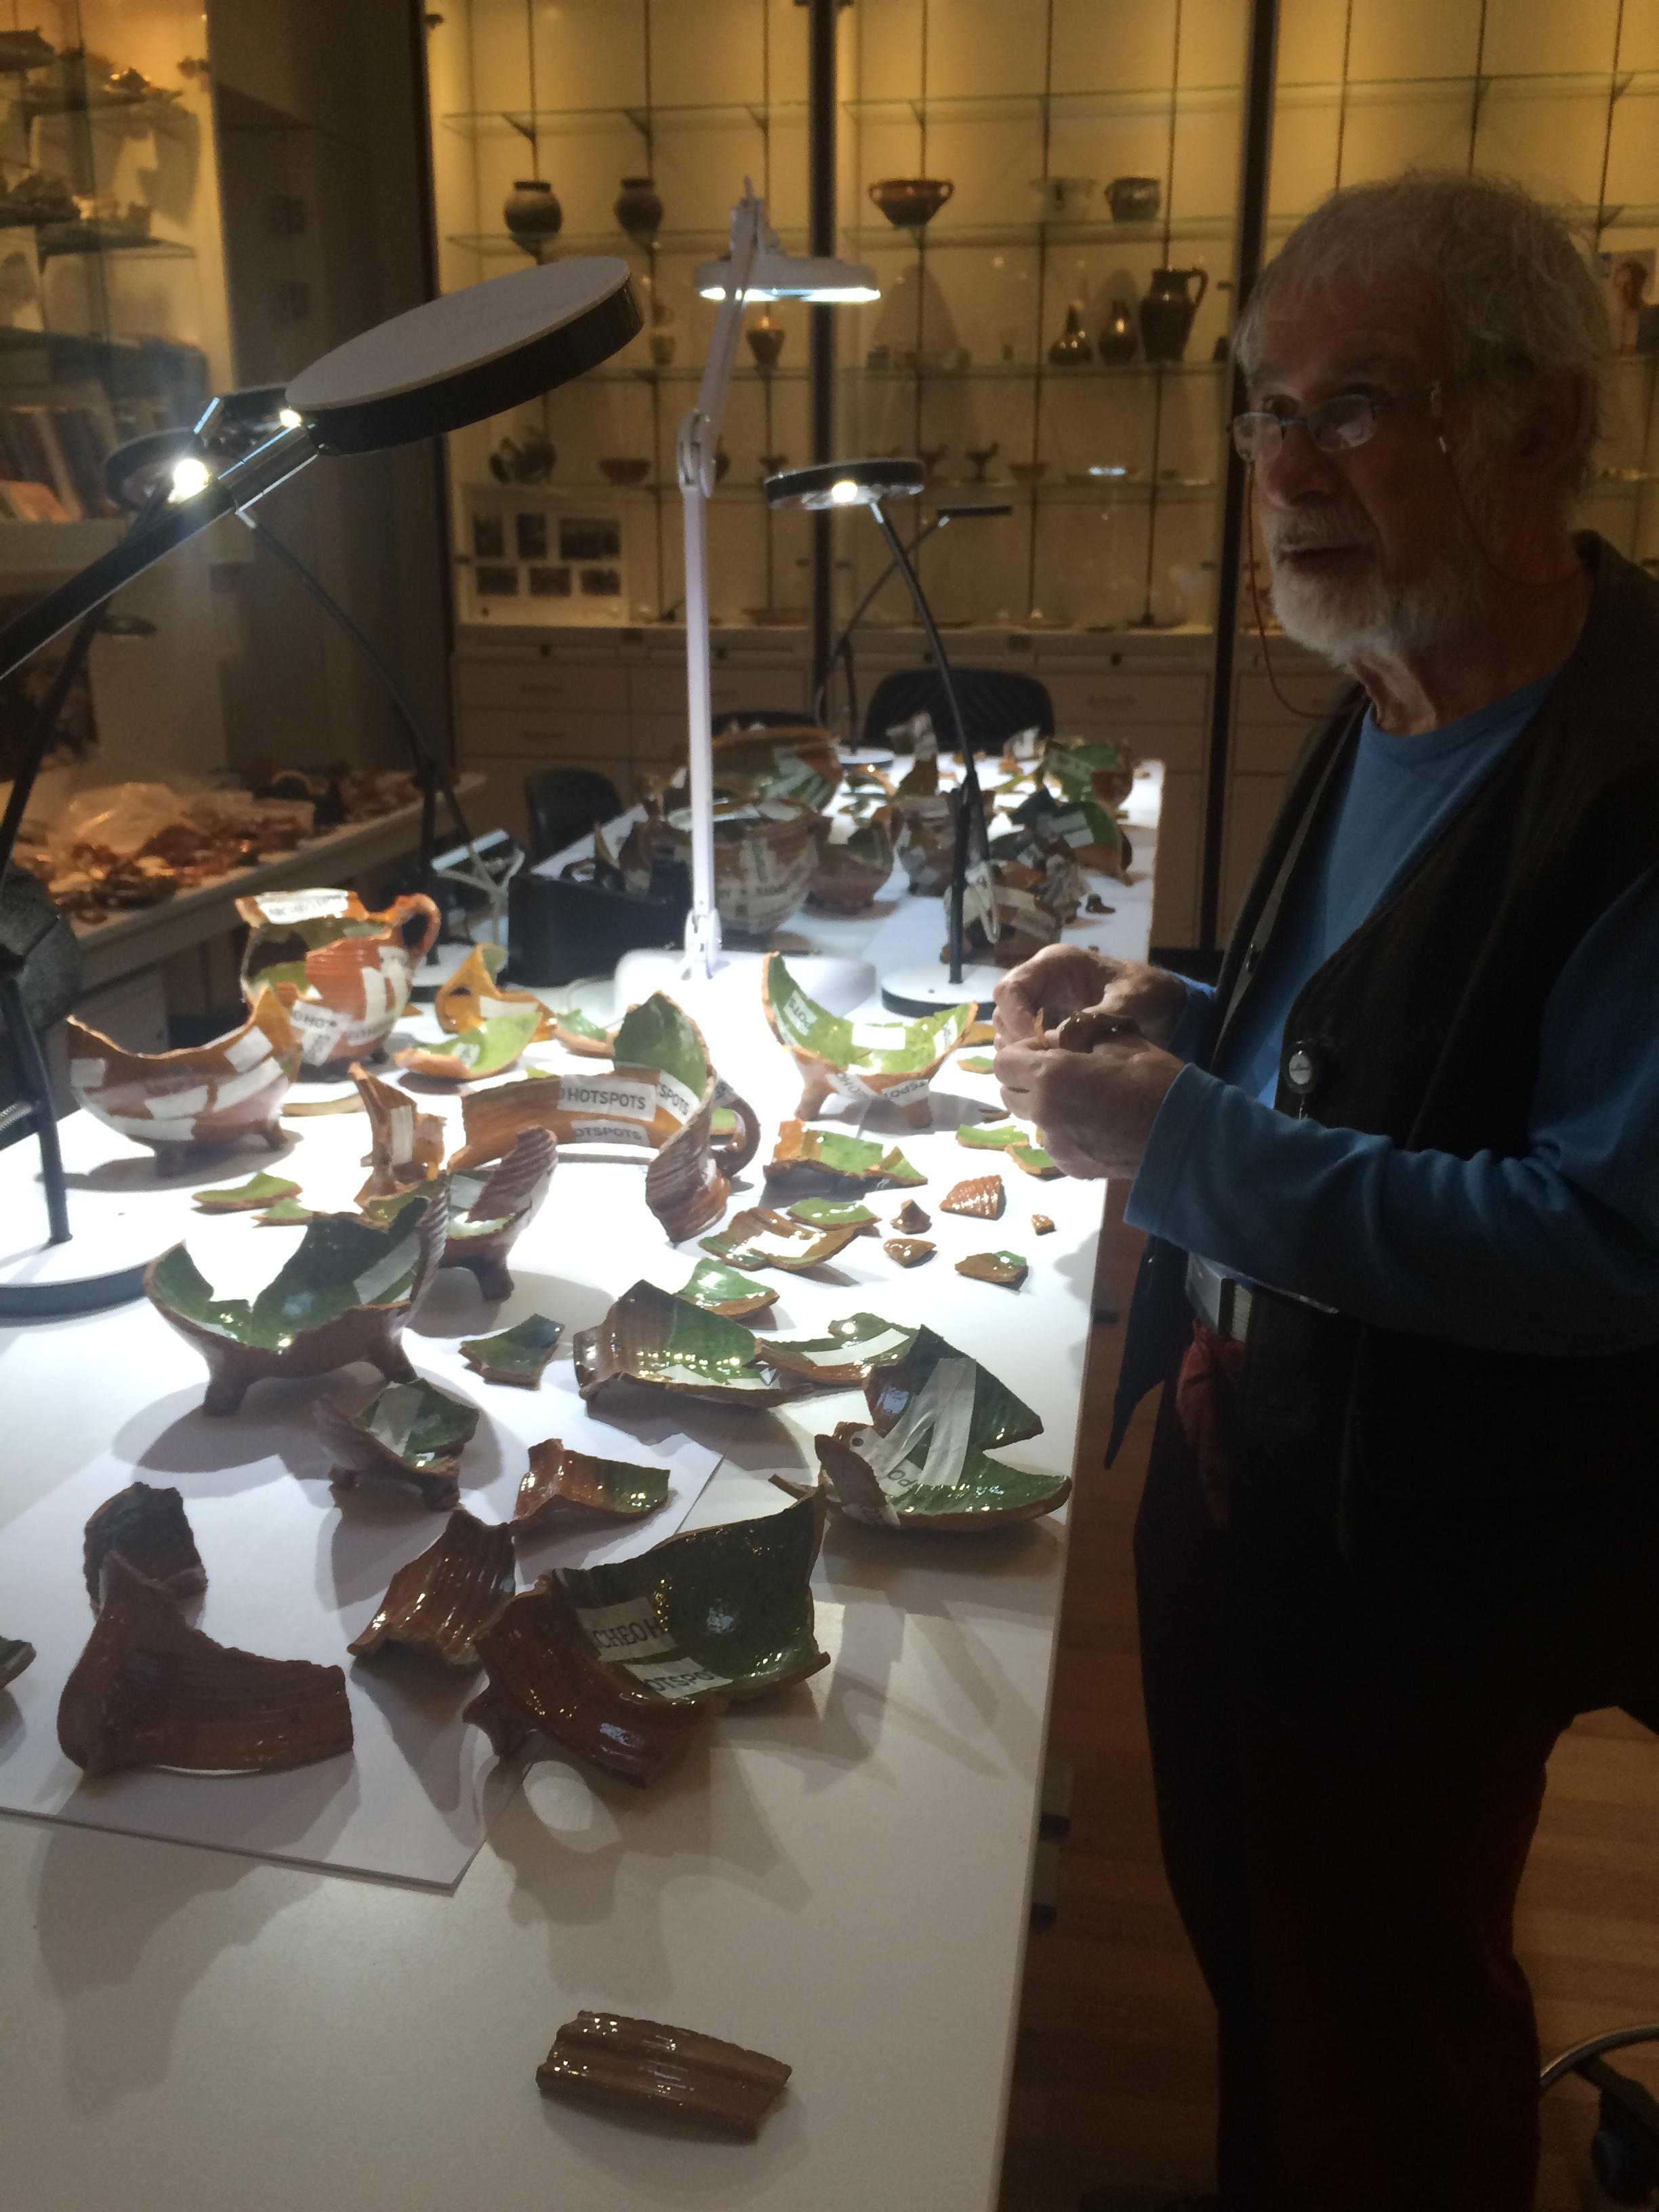 In de ArcheoHotspot vertellen archeologen over hun werk. In dit geval het reconstrueren van schaaltjes, gevonden in een Amsterdamse beerput.